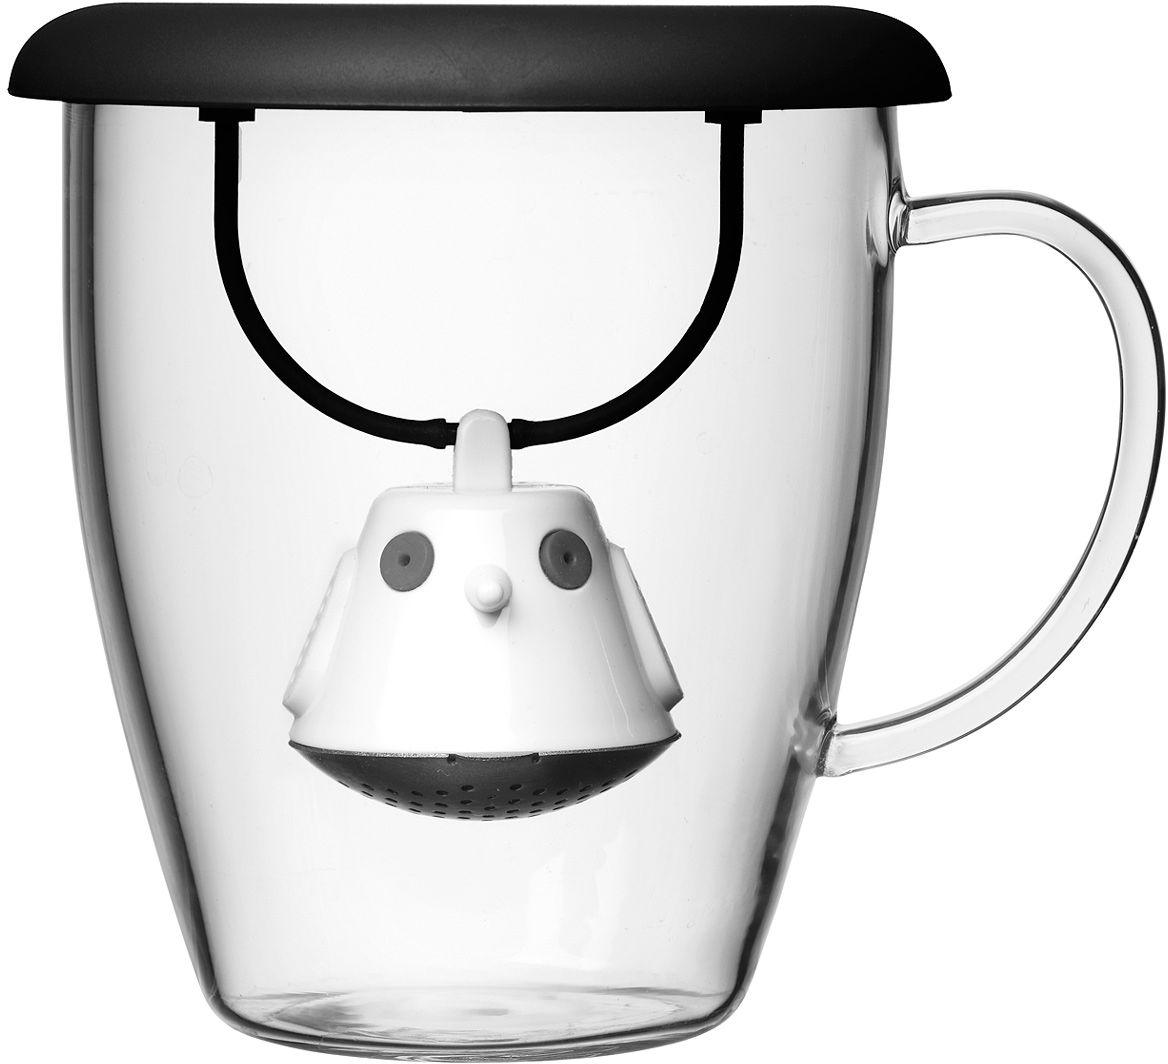 Кружка QDO Birdie Swing Nest, с емкостью для заваривания чая, цвет: черный567501Кружка с необычной емкостью для заваривания чая в виде птички. Снабжена крышкой для кружки, с помощью которой можно быстро и безопасно приготовить любимый напиток. Одним легким движением откройте стальной фильтр, наполните его необходимым количеством чайных листьев, так же легко закройте и поместите в горячую воду. Крышка не только поможет чаю завариться быстрее, но и убережет ваши пальцы от возможного нагревания. Когда чай готов, просто поднимите крышку, переверните и положите на стол. Вся жидкость с заварника будет стекать в нее, как в поднос - очень удобно. Объем кружки - 400 мл. Материал кружки - жароустойчивое боросиликатное стекло. Материал емкости - нержавеющая сталь и пластик без содержания бисфенола-А. Можно мыть в посудомоечной машине.